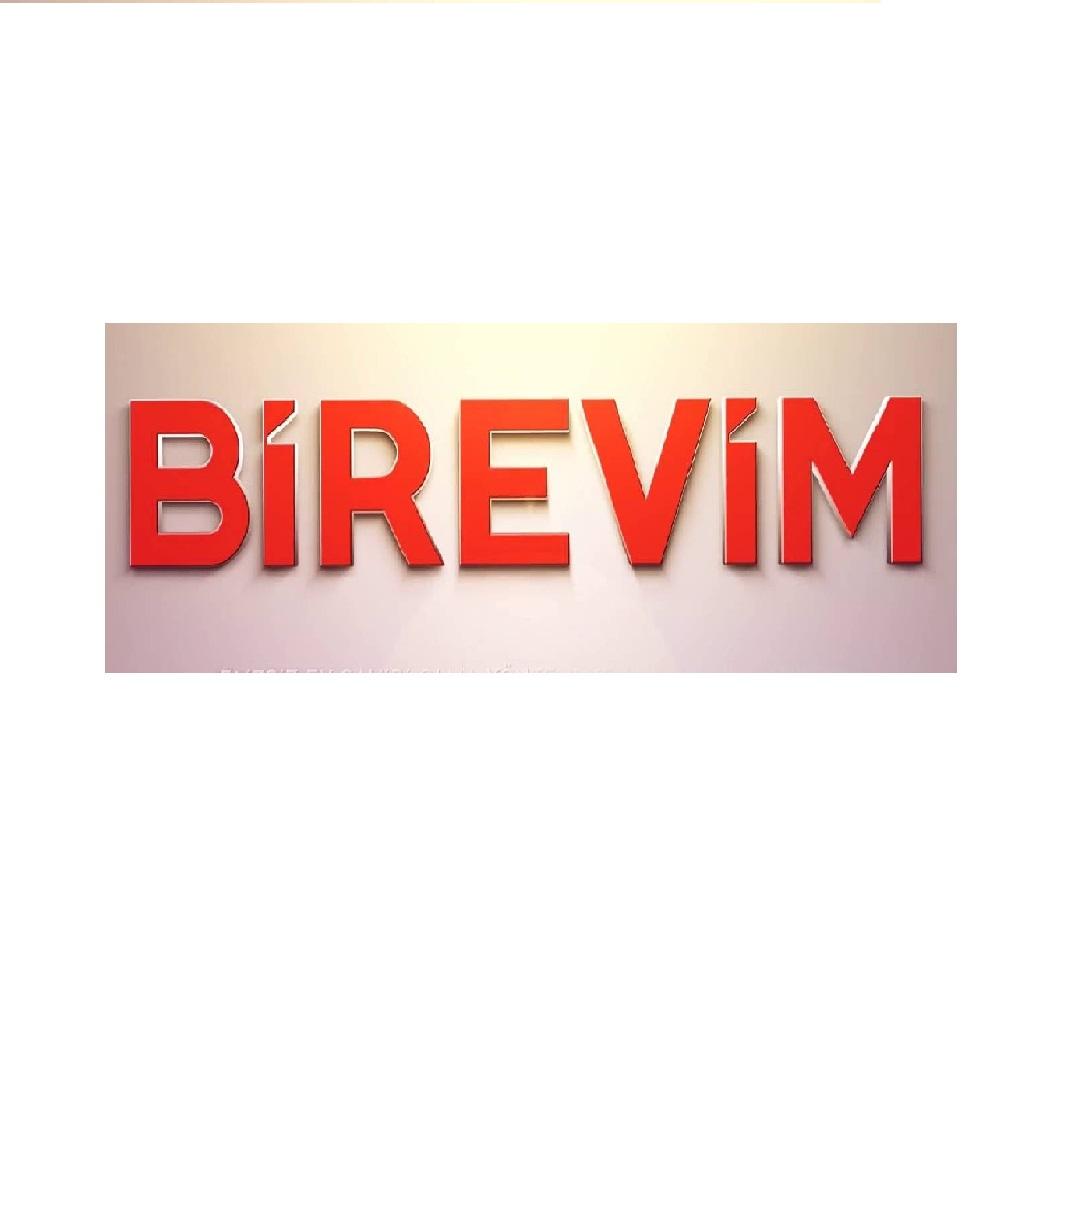 Birevim